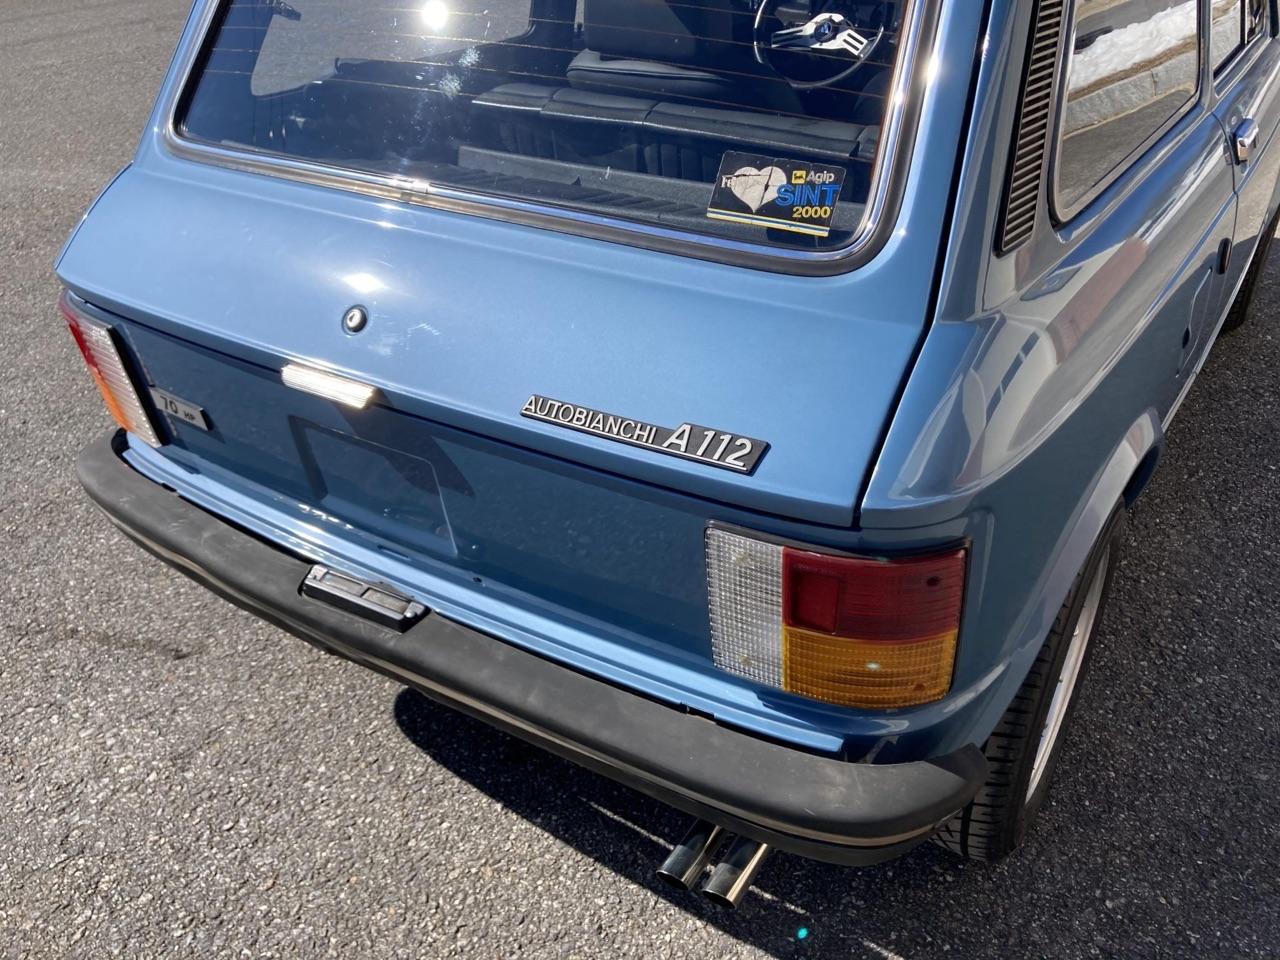 '77 Autobianchi A112 Abarth... Une GTi sans le i ! 13